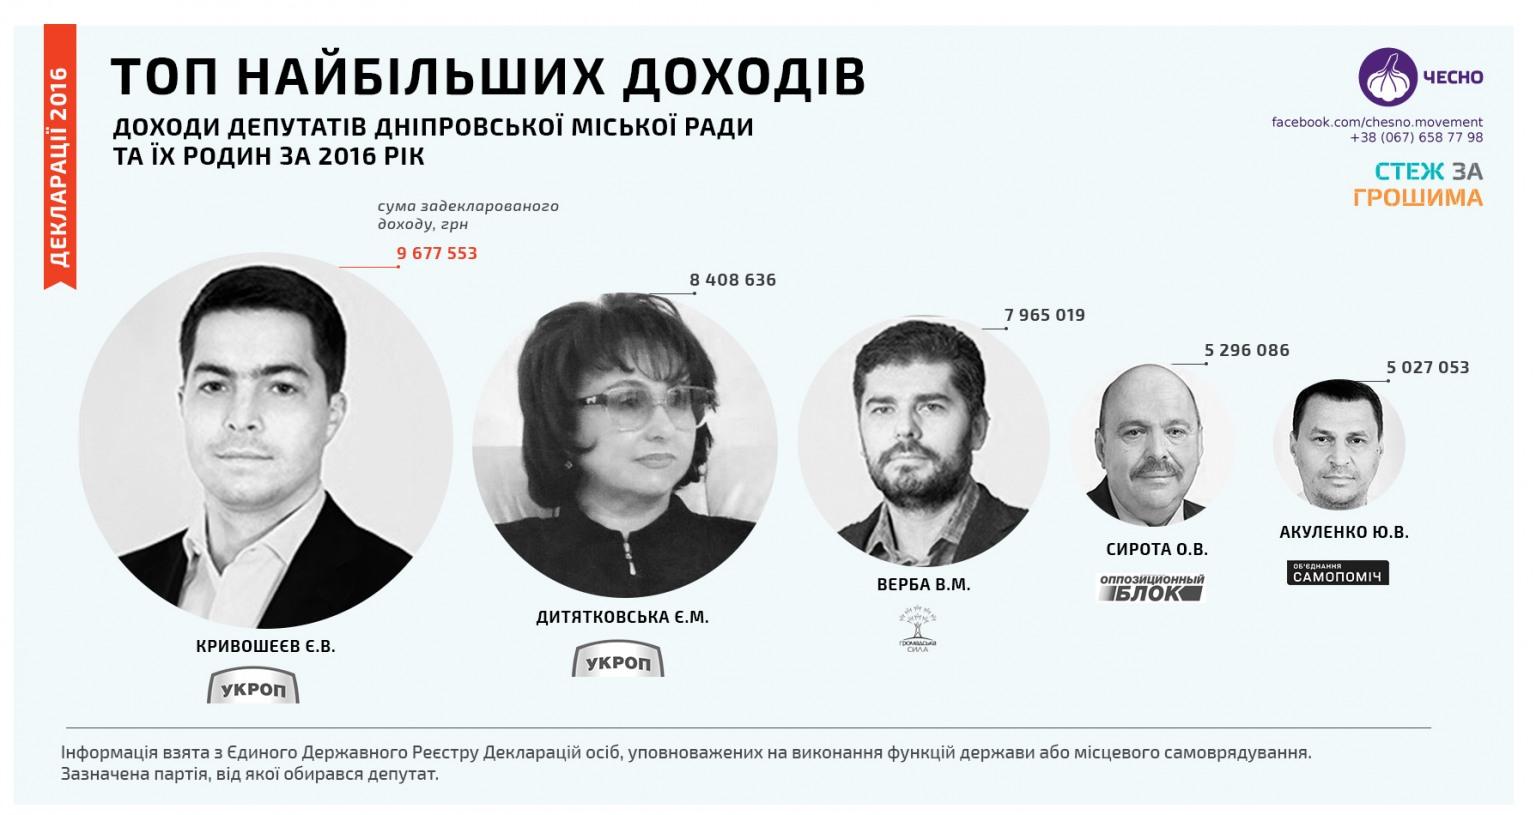 15-59429c163b688-stali_izvestny_imena_samyh_bogatyh_deputatov_v_dne.original